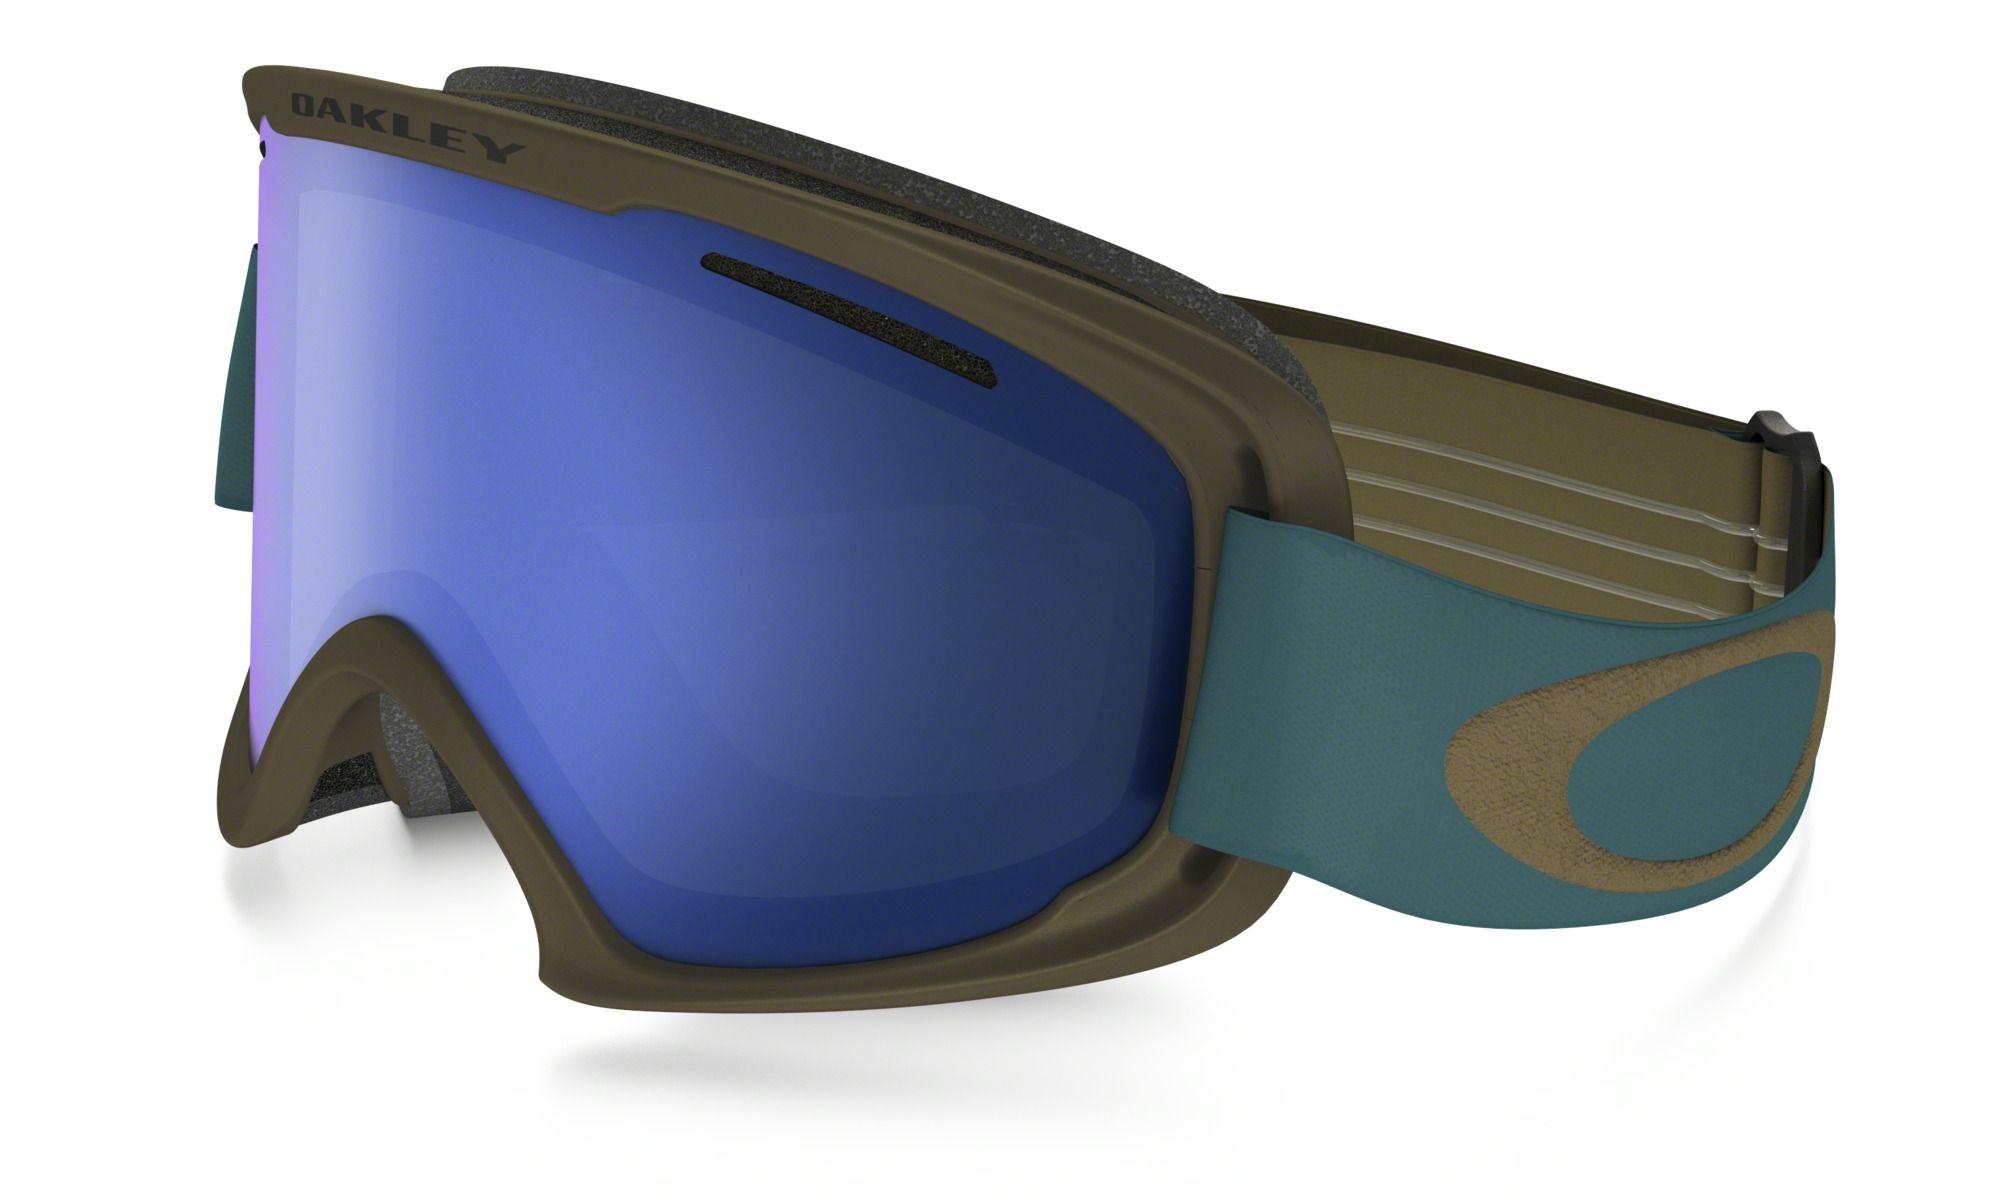 oakley 02 goggles  Oakley 02 XL Ski Goggles Copper Aurora Blue/Black Ice Iridium 拢80.00